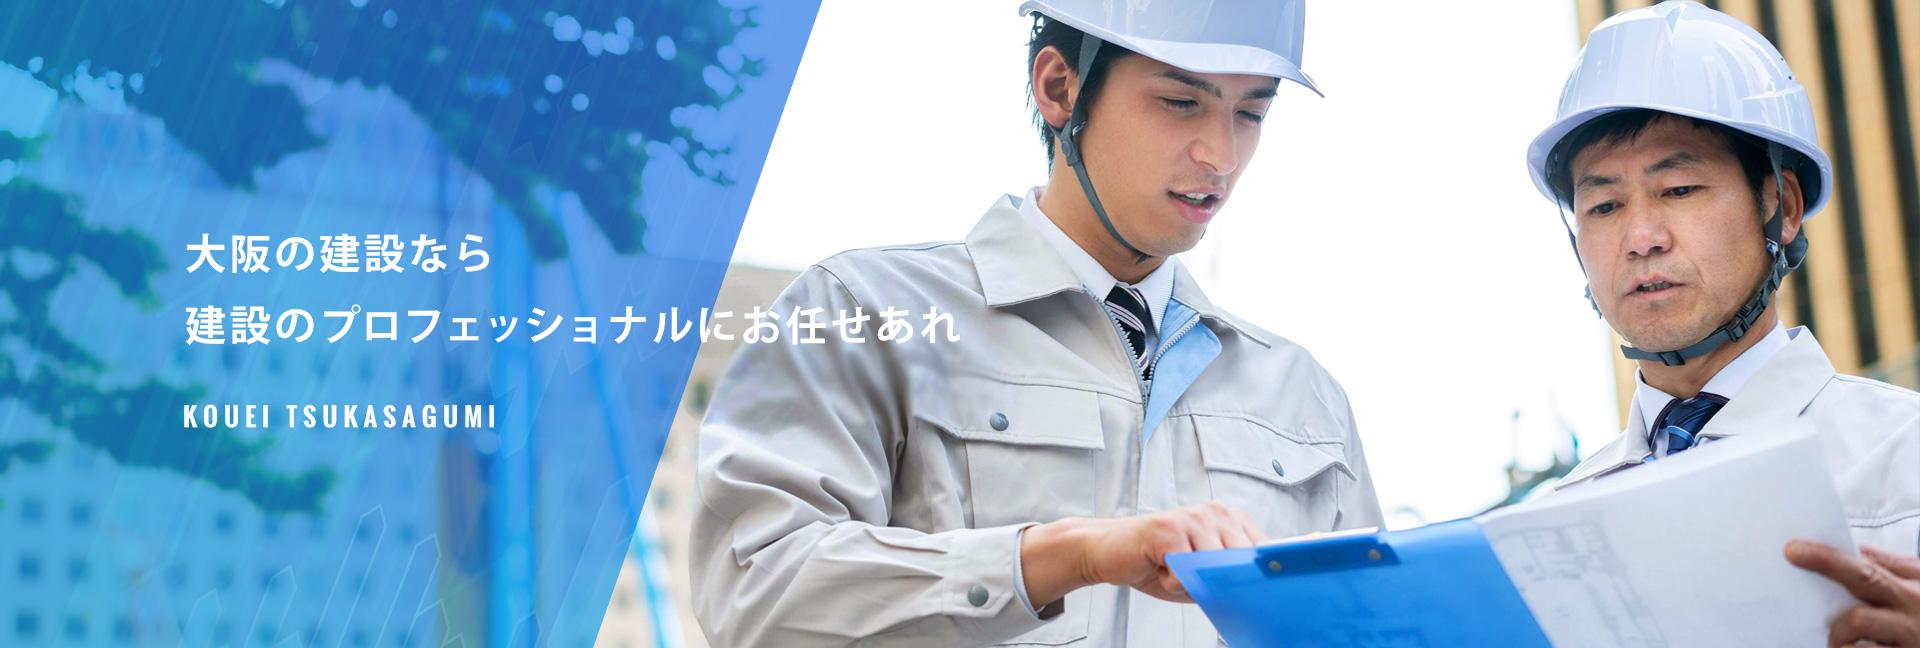 大阪の建設なら、建設のプロフェッショナルにお任せあれ